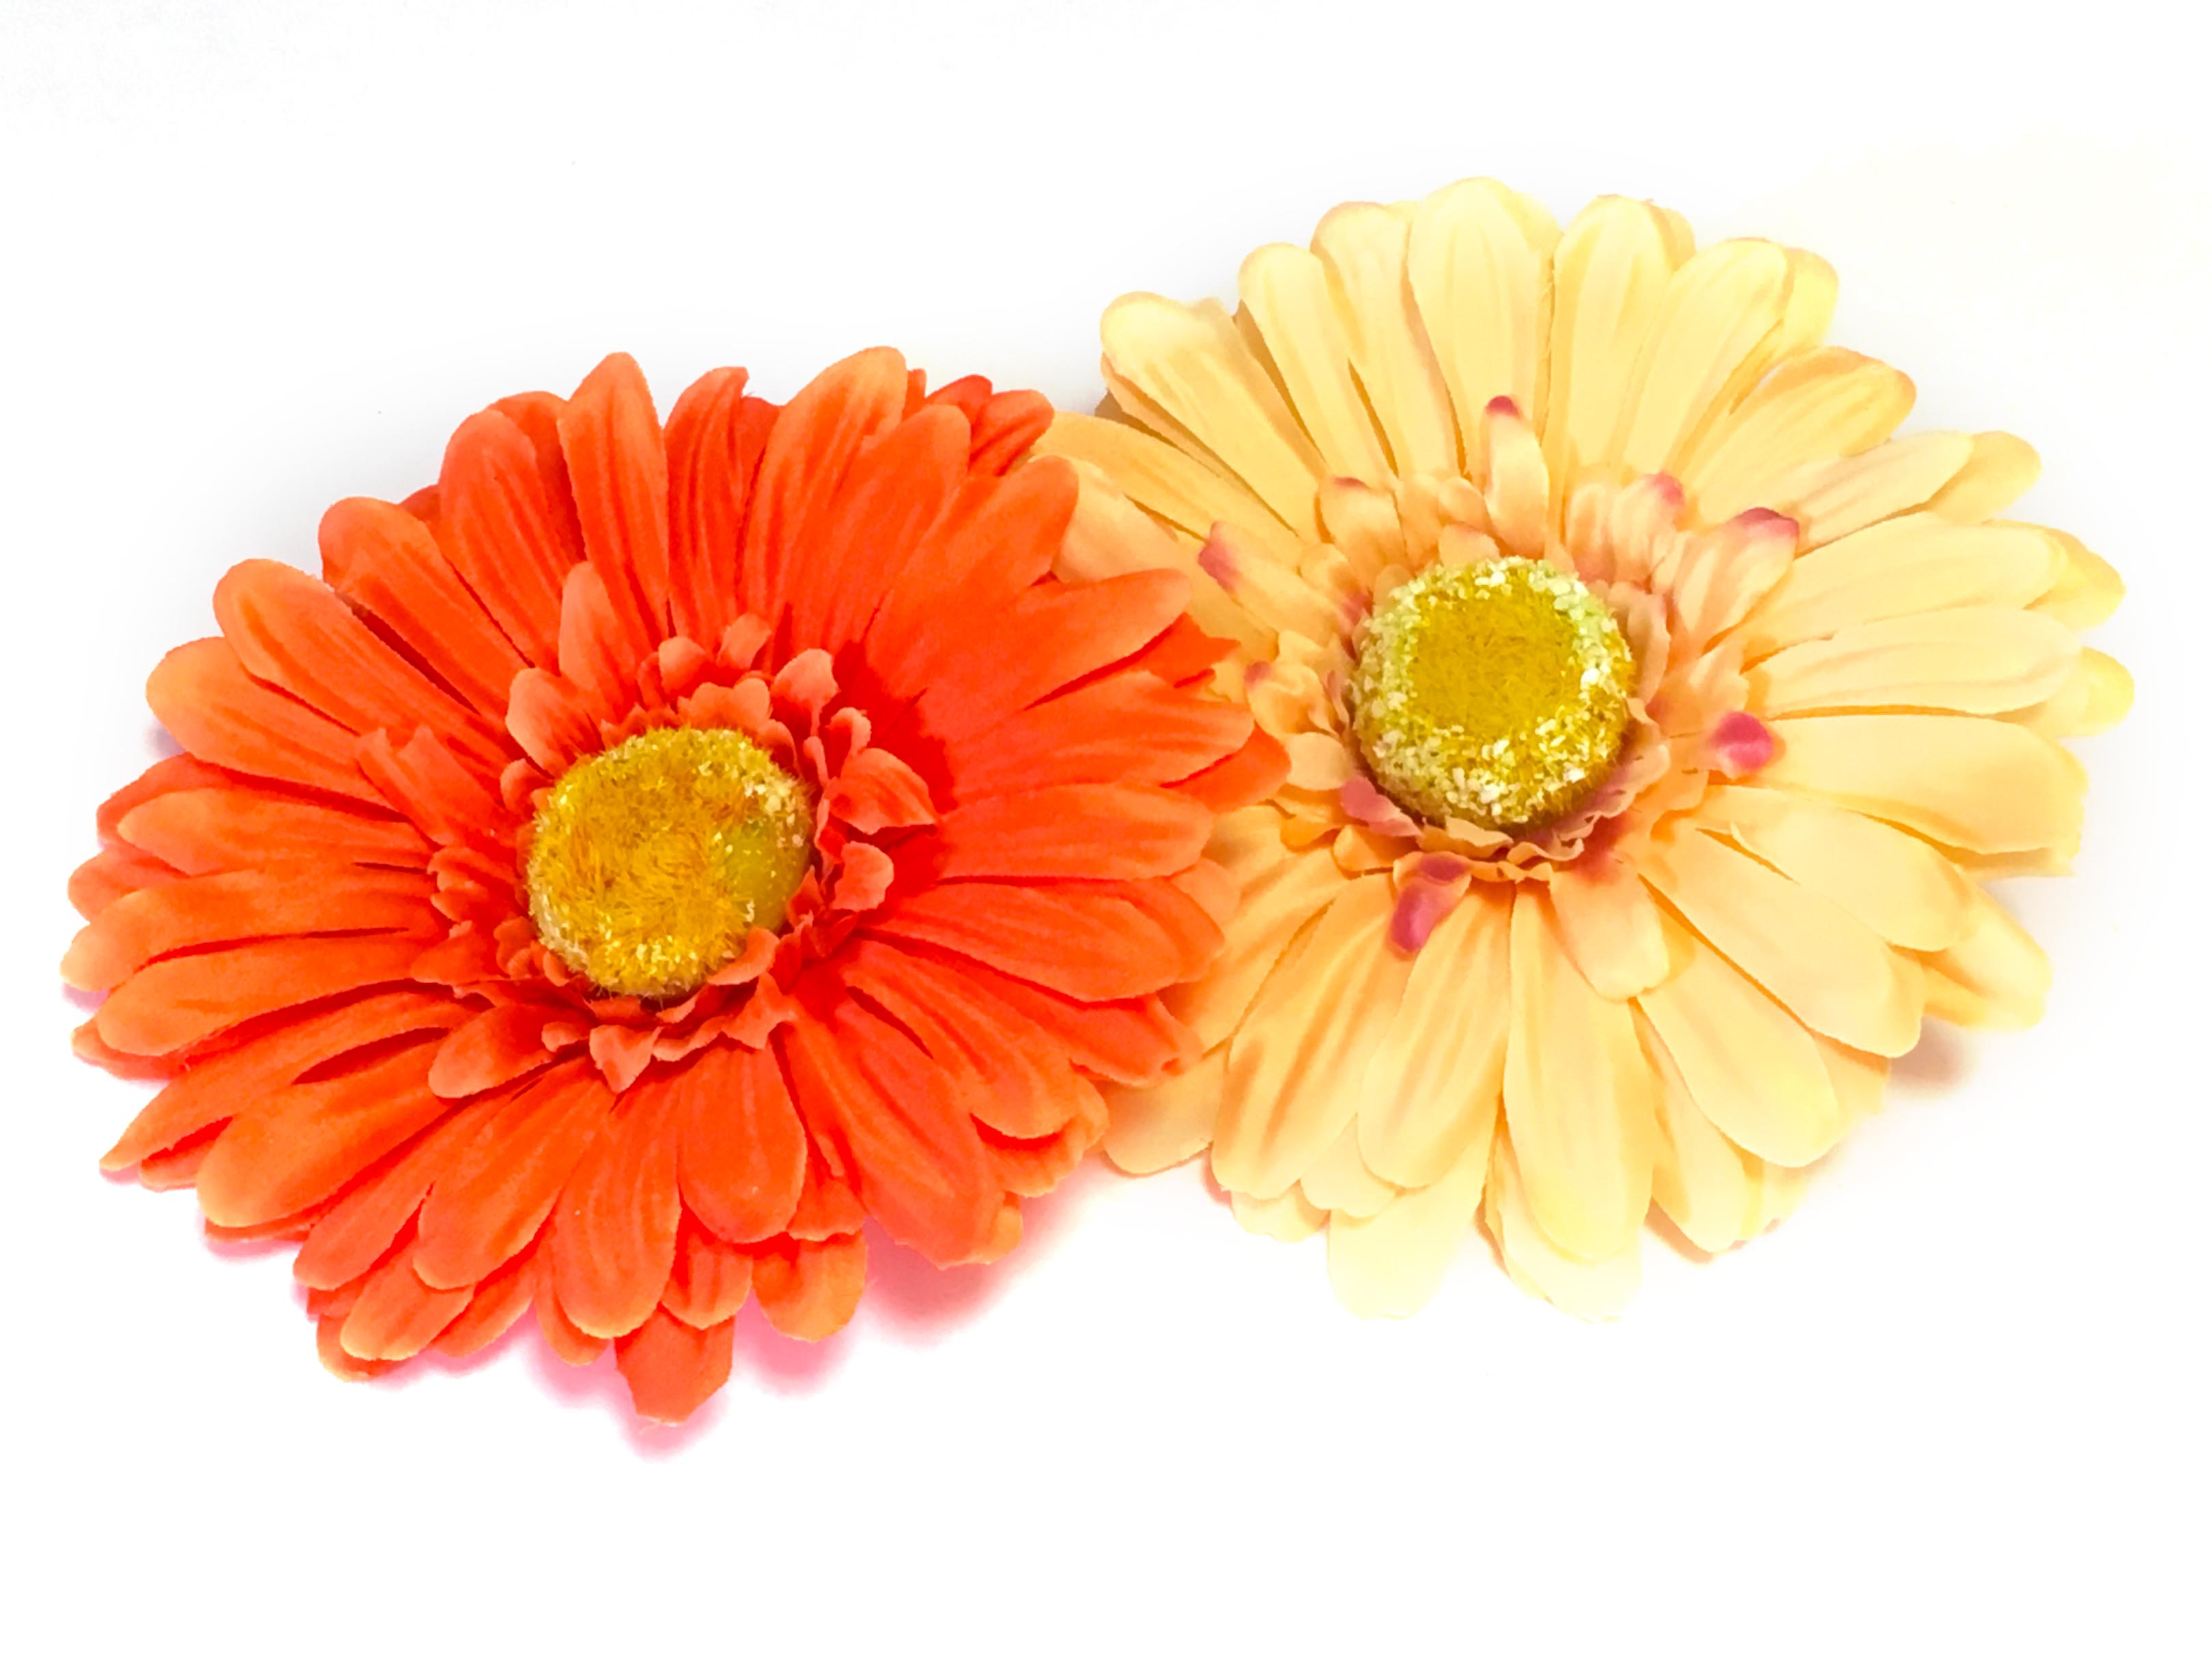 14c1dde7a Umělé květiny, gerbera, dekorace, VÝBĚR BARVY | Tvořivé dřevěné ...